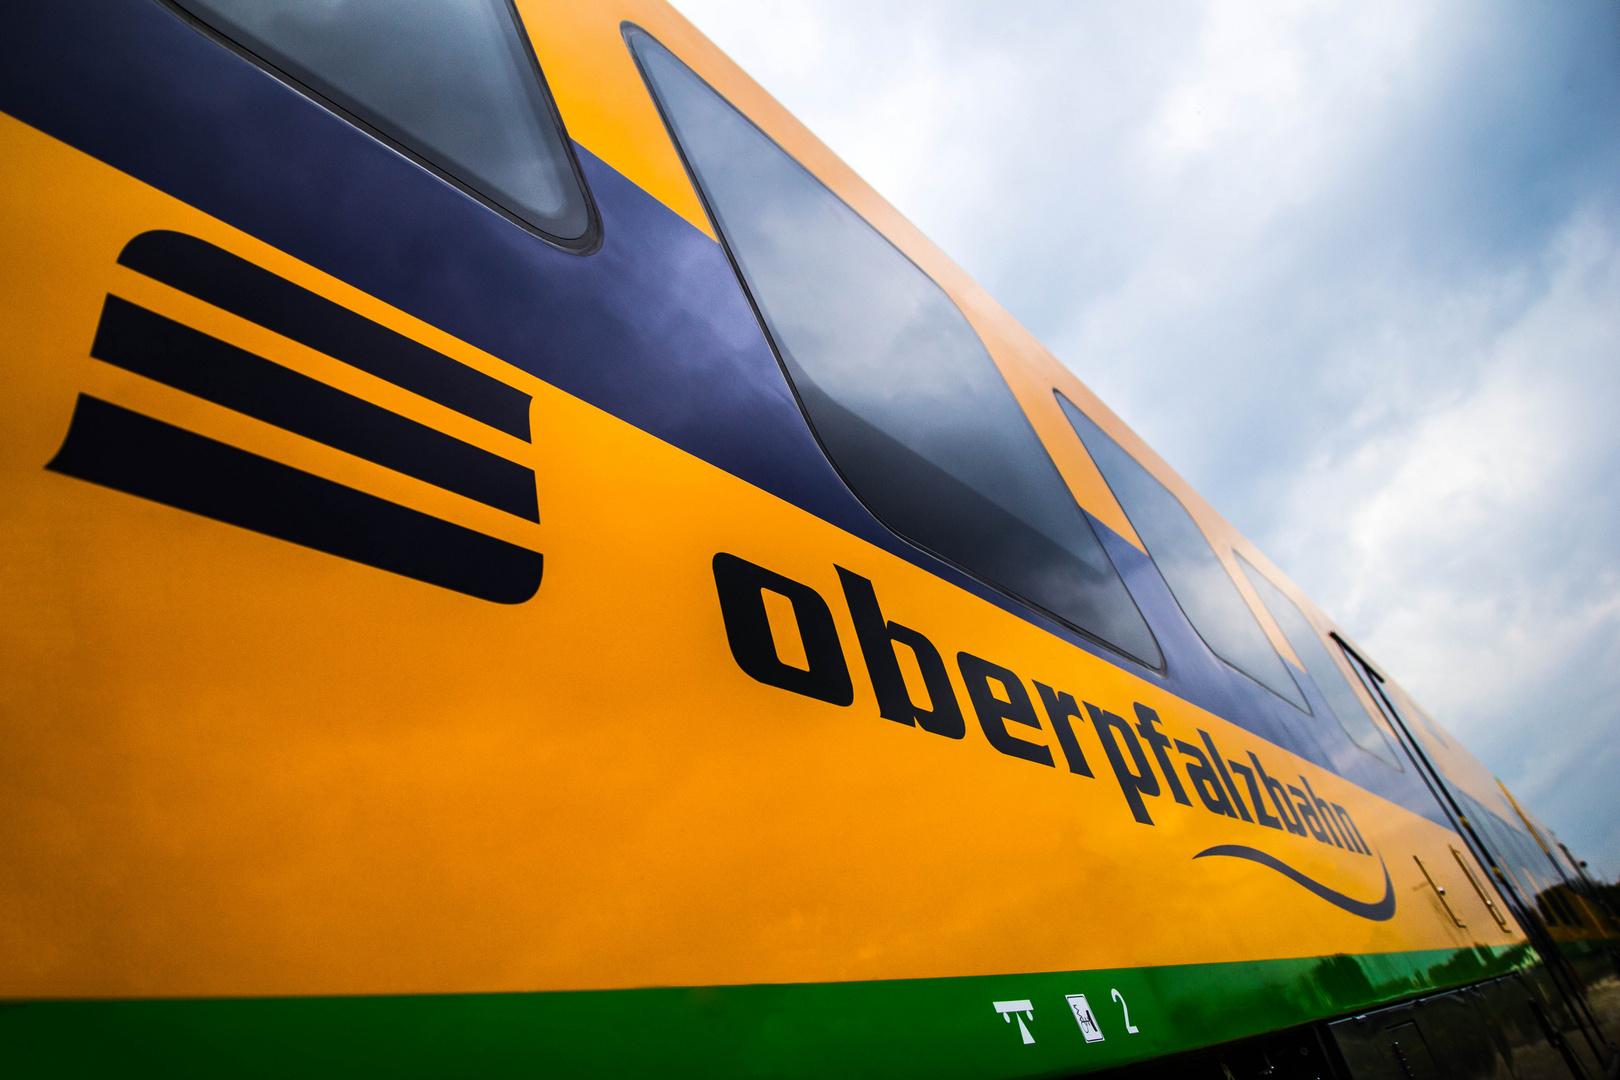 oberpfalzbahn 2.0